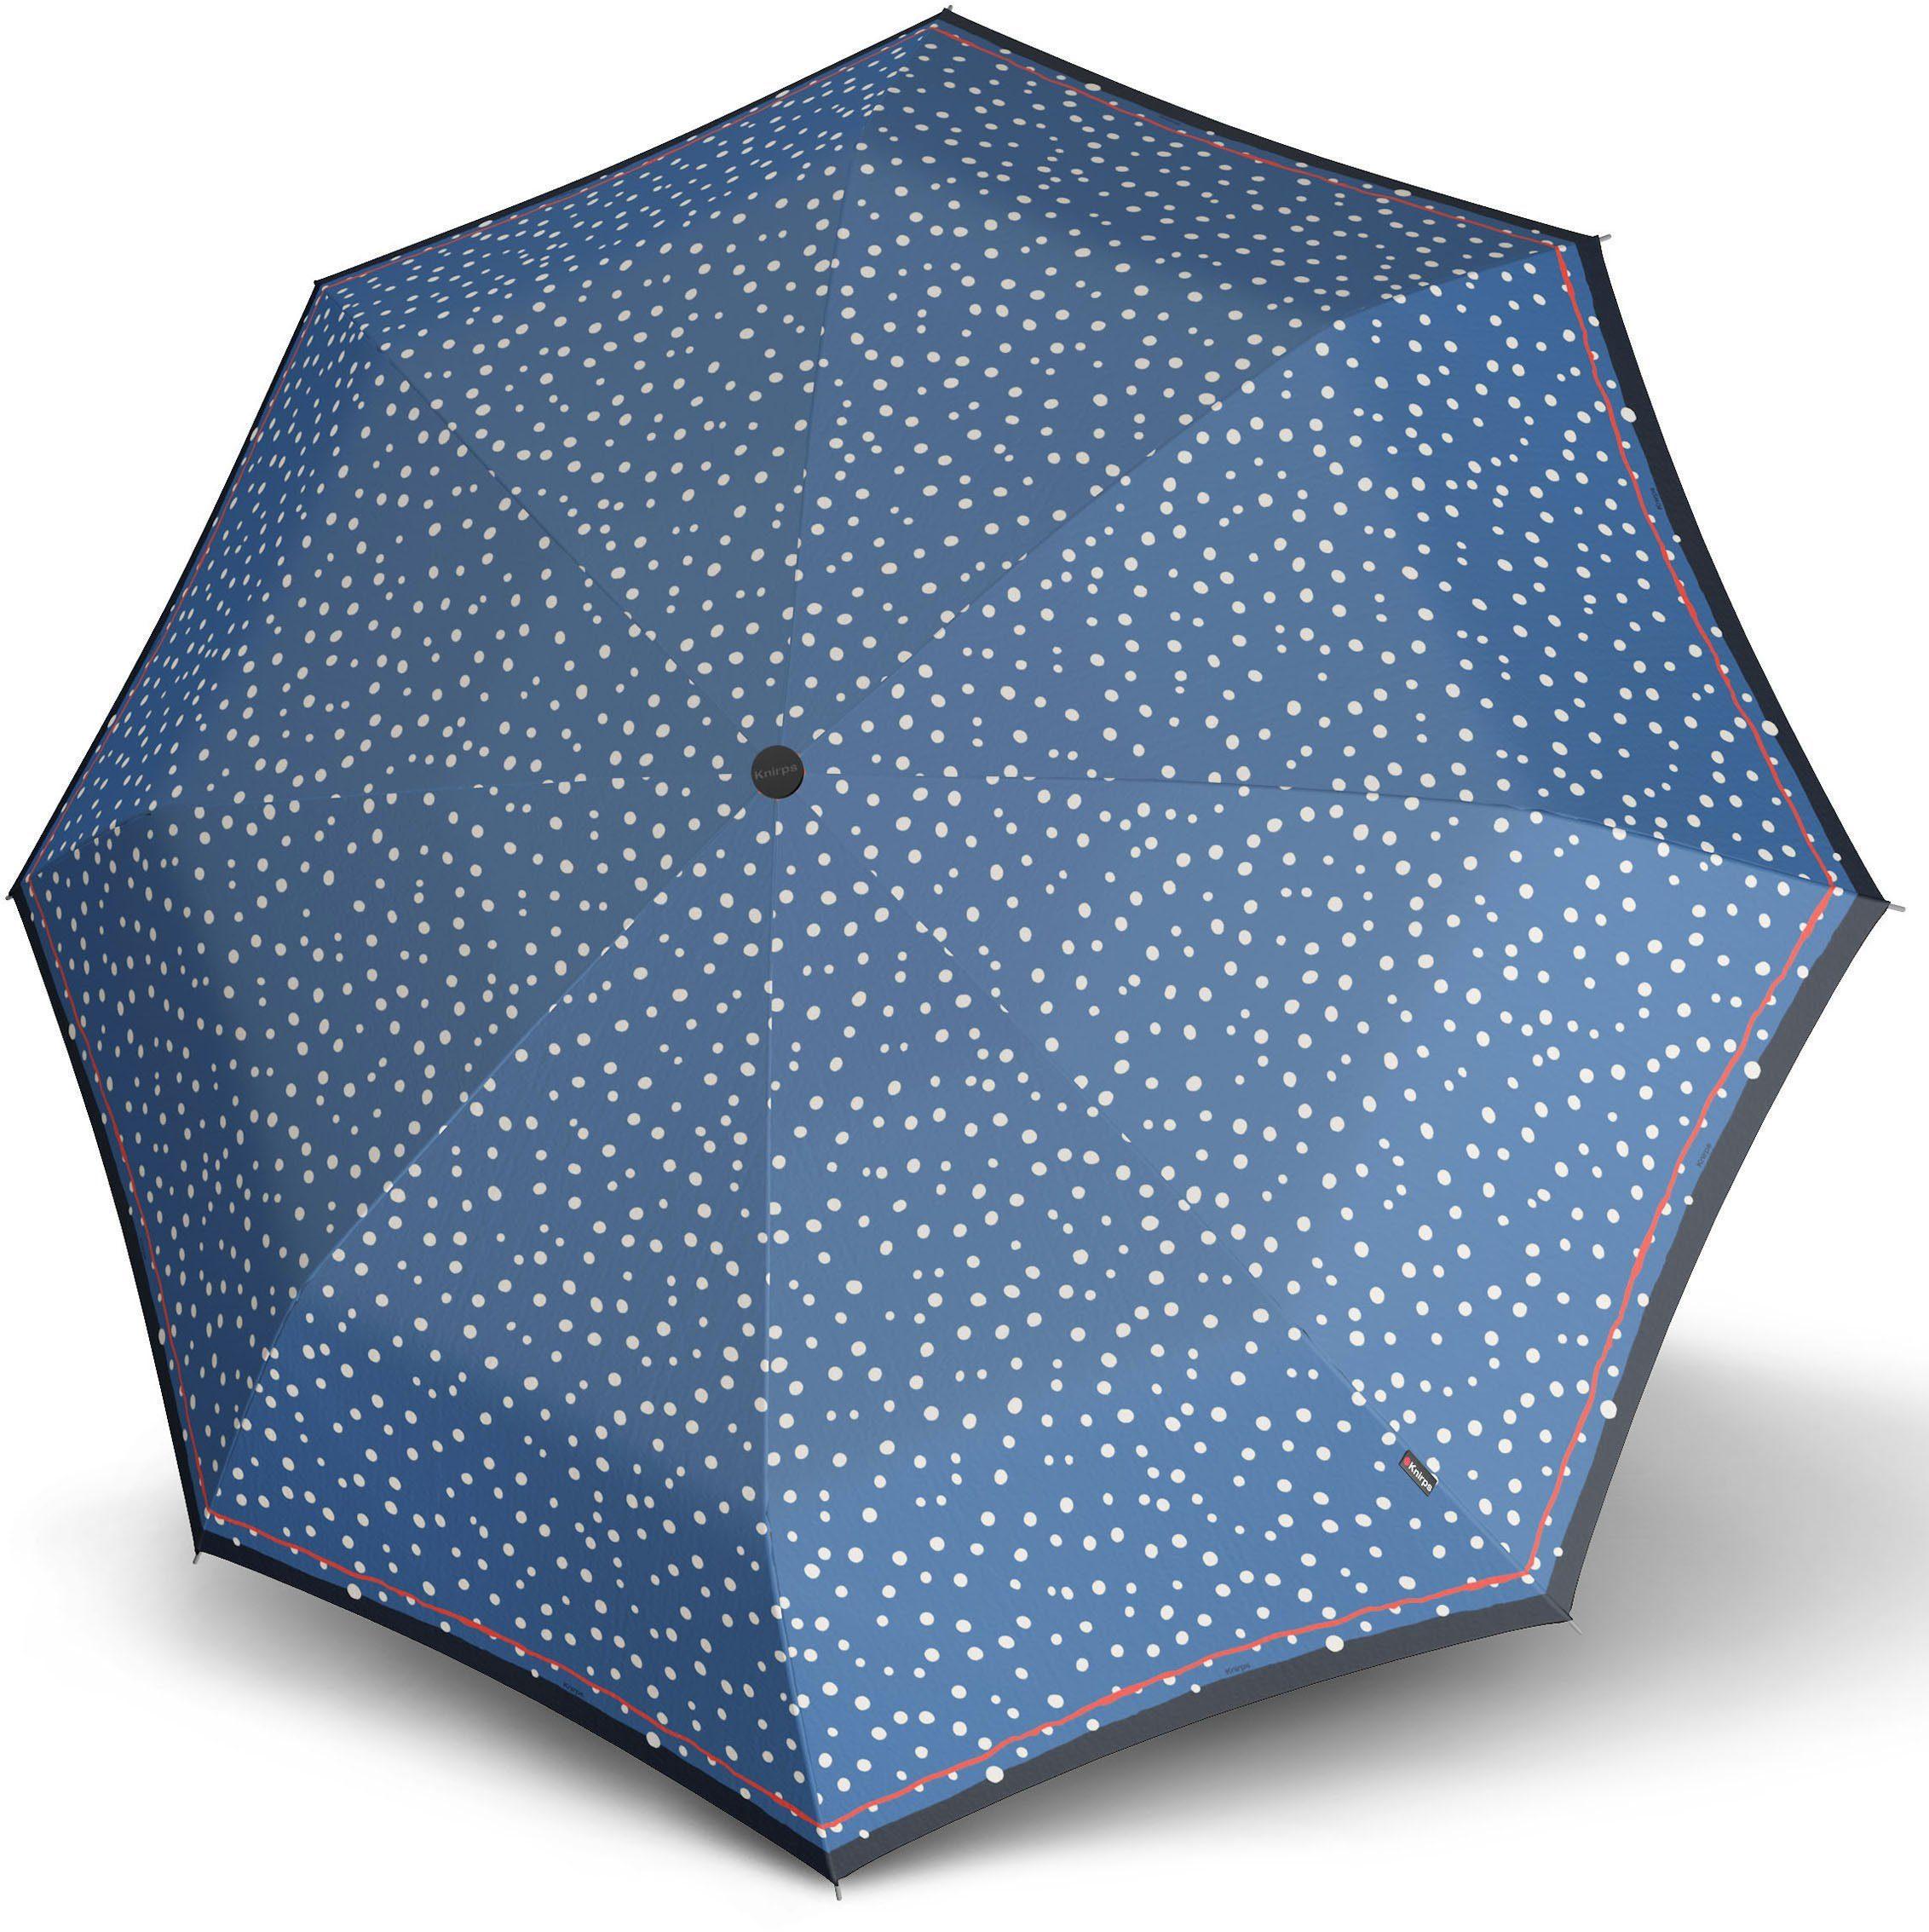 Knirps Regenschirm, »Taschenschirm X1 flakes blue«